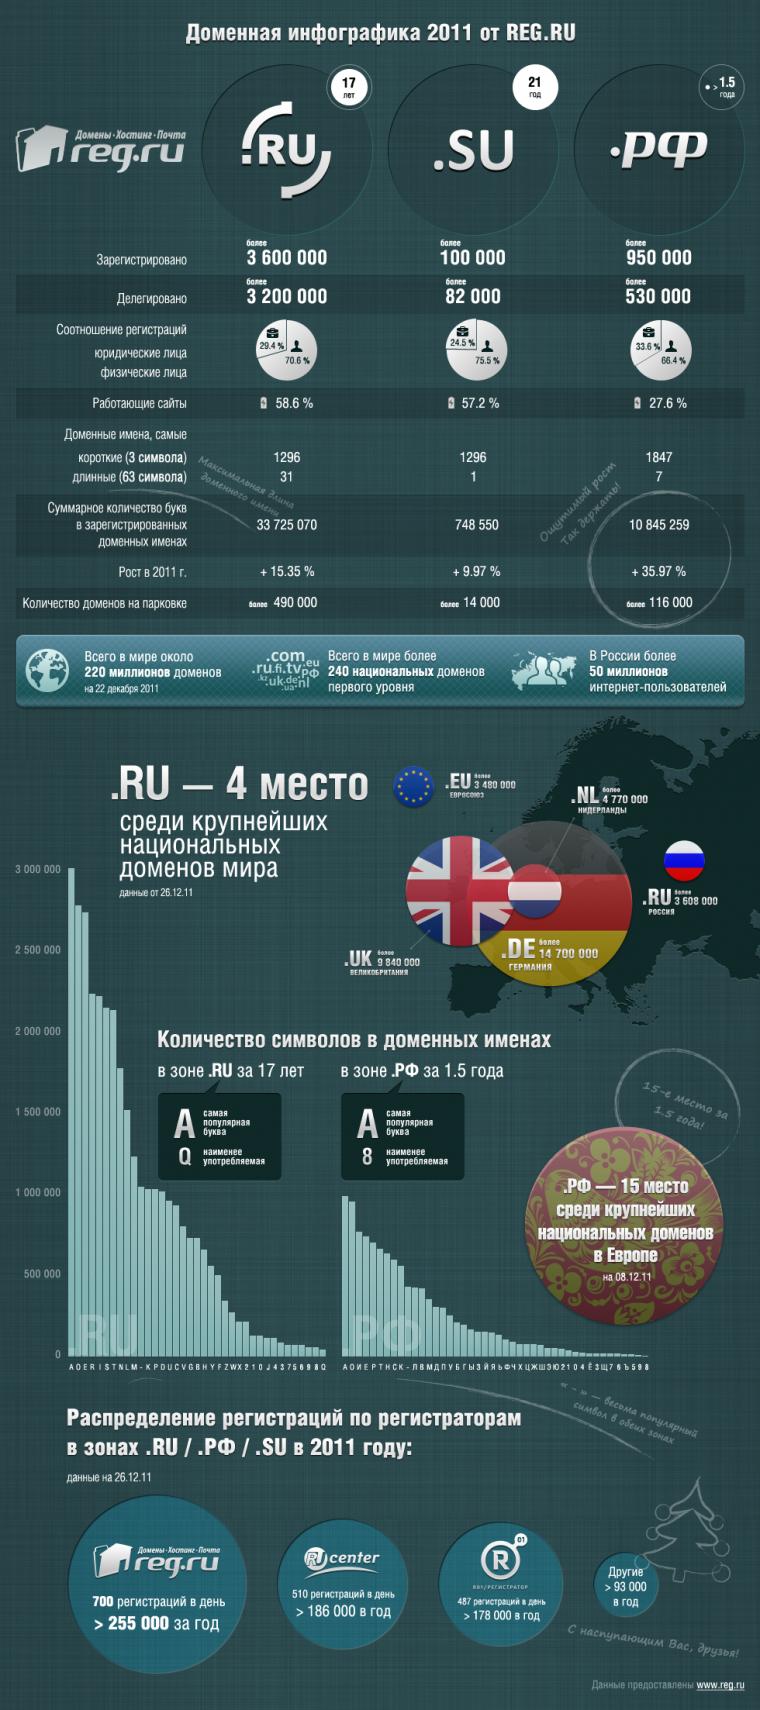 инфографика домены reg.ru